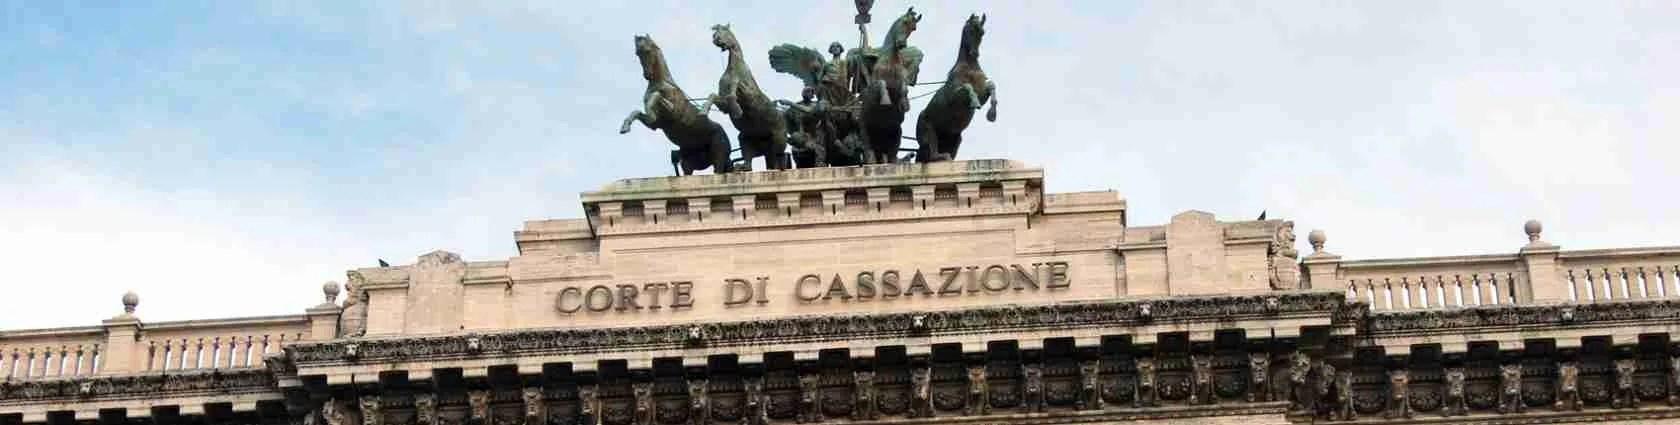 Pubblicare annunci di escort in Italia è legale. Lo ha deciso e sancito la Corte di Cassazione.